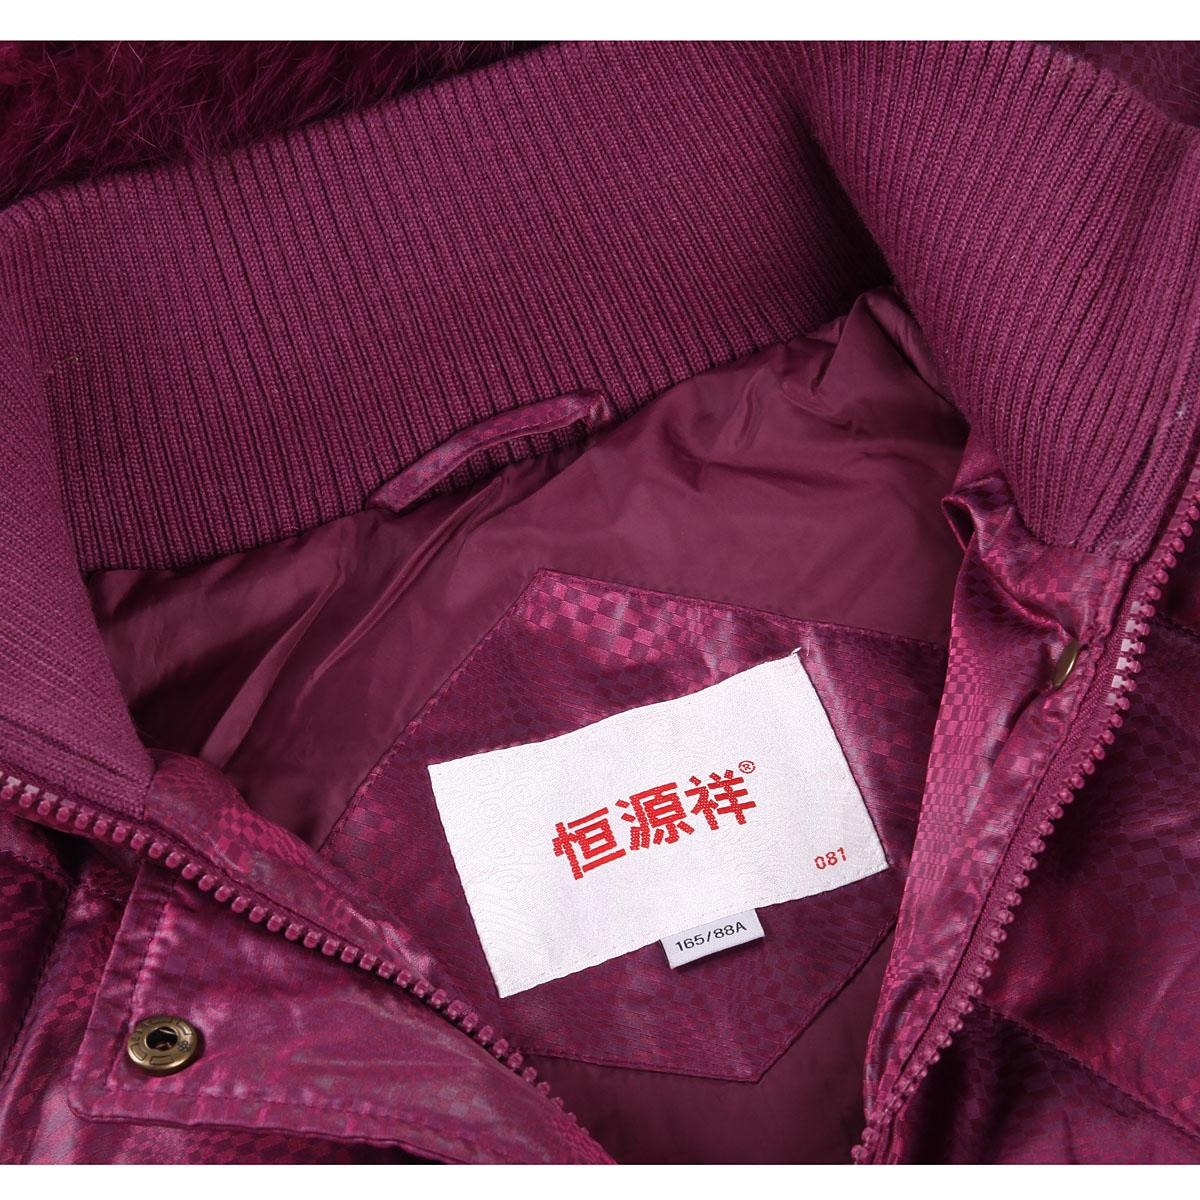 Женский пуховик Fazaya B/9155 2012 9155 Зима 2012 Разные искусственные волокна Городской стиль Облегающий покрой